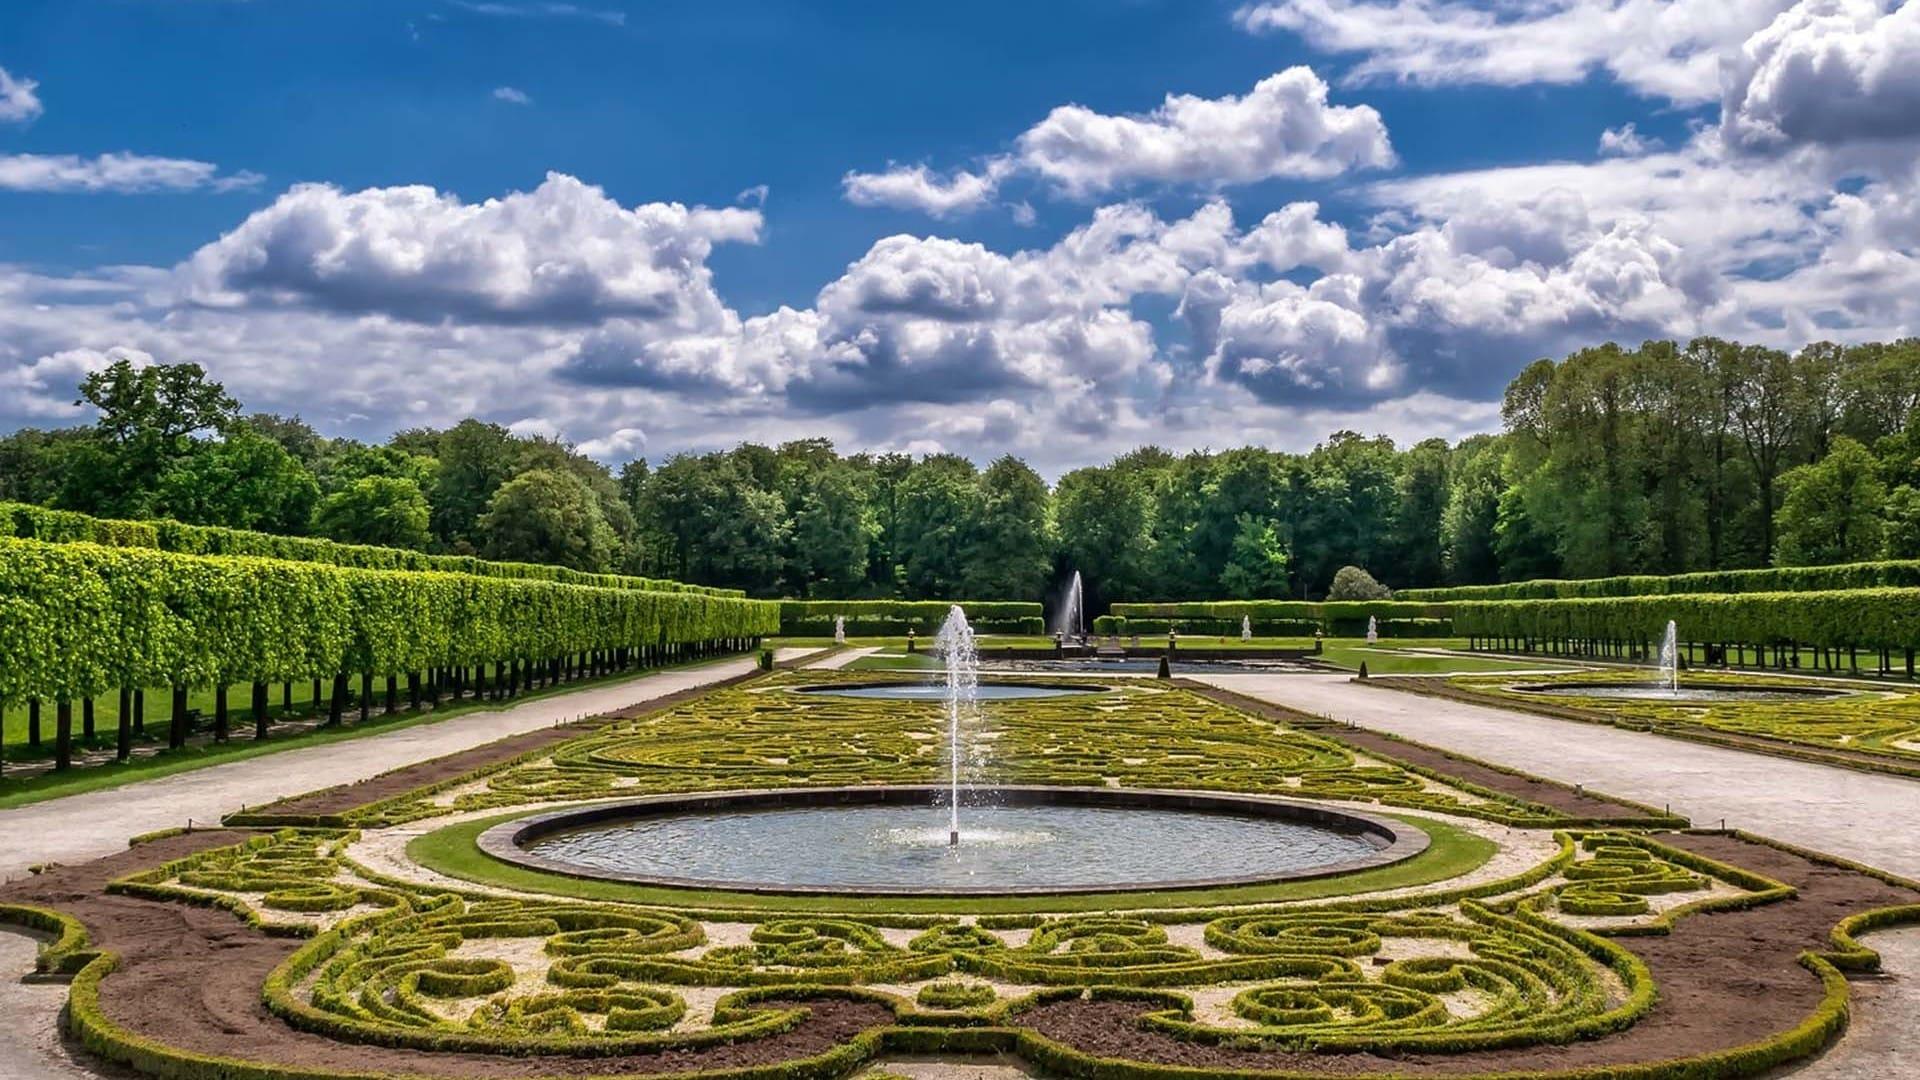 progettazione giardini a verona i migliori 20 esperti in